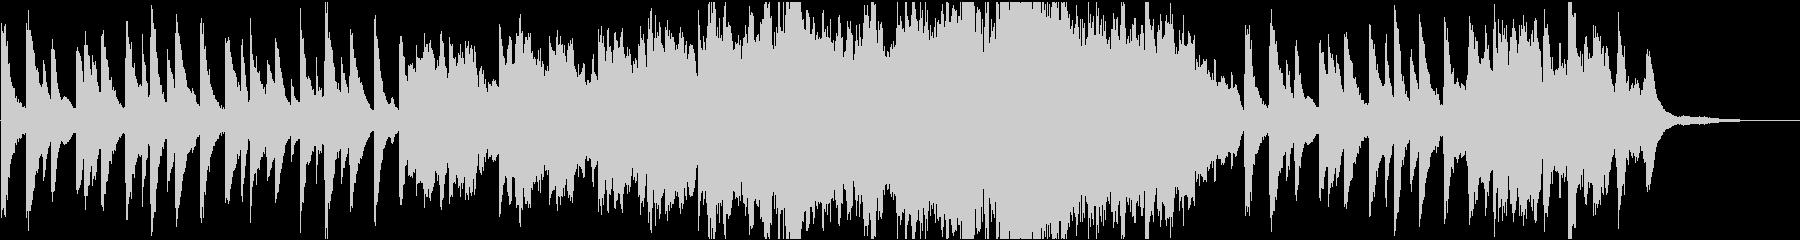 ドラマ6 16bit48kHzバージョンの未再生の波形